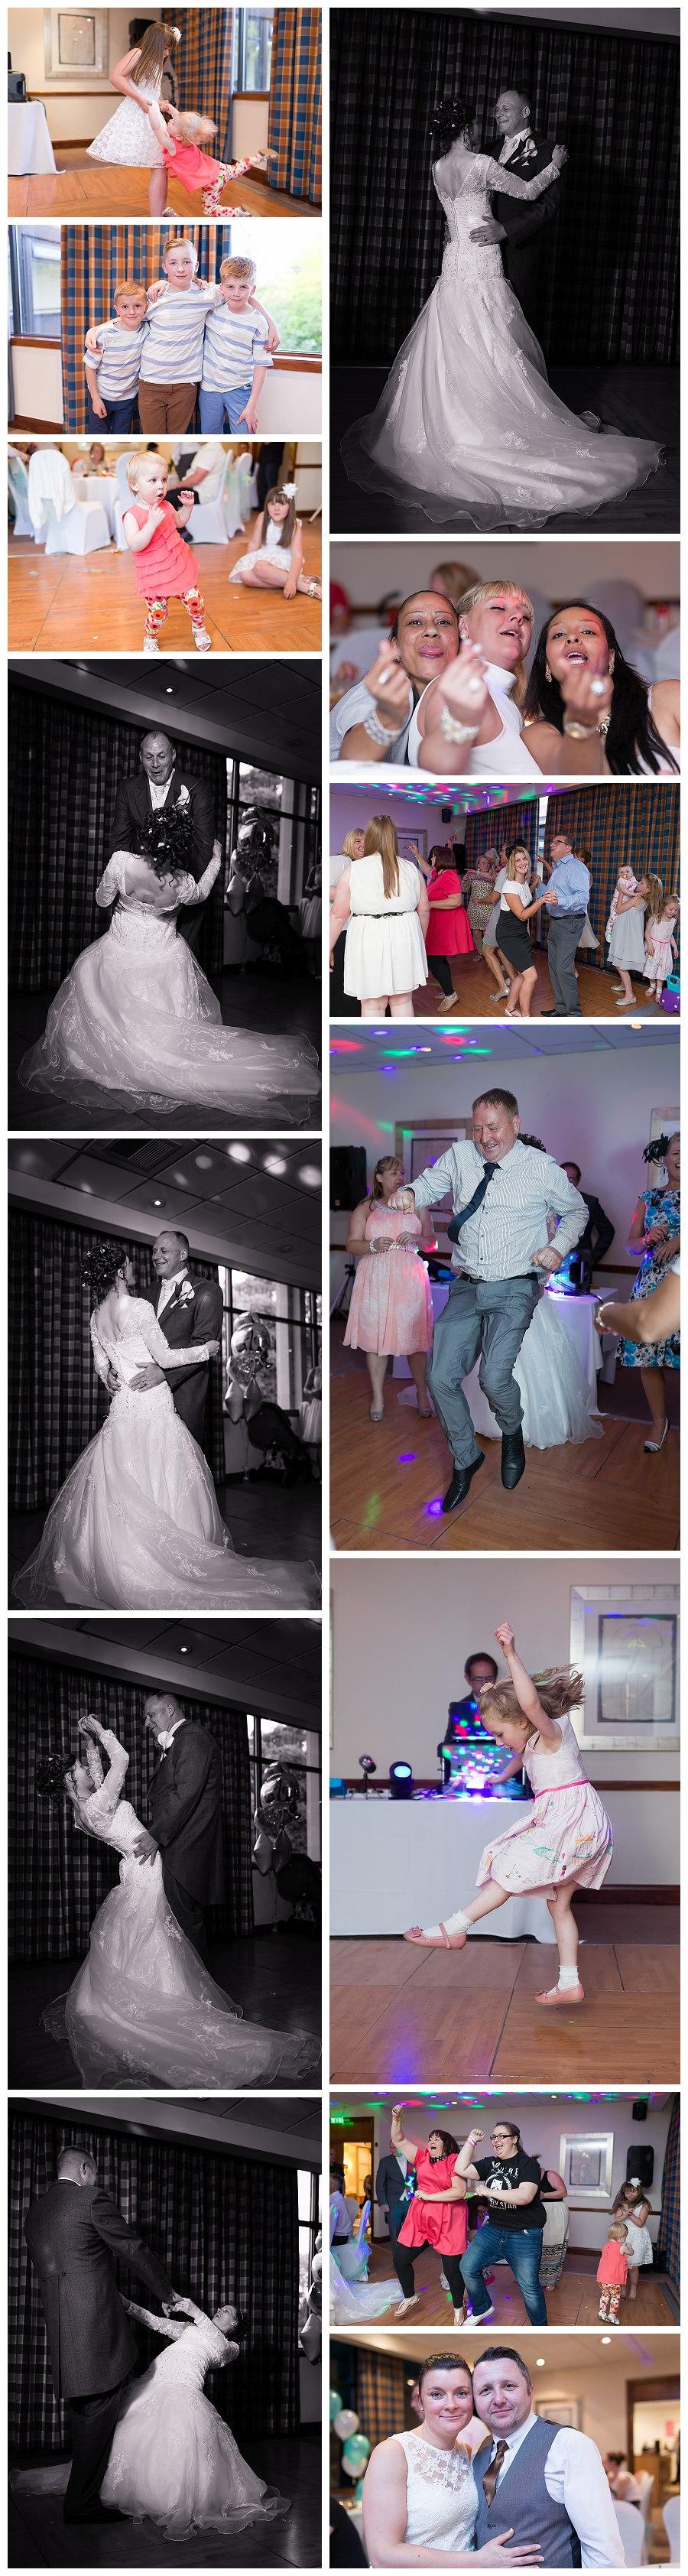 Wedding Photography Brittannia Hotel Leeds Bradford at Bramhope, St Wilfriend church harehills wedding photographer, wedding photographer Bramhope